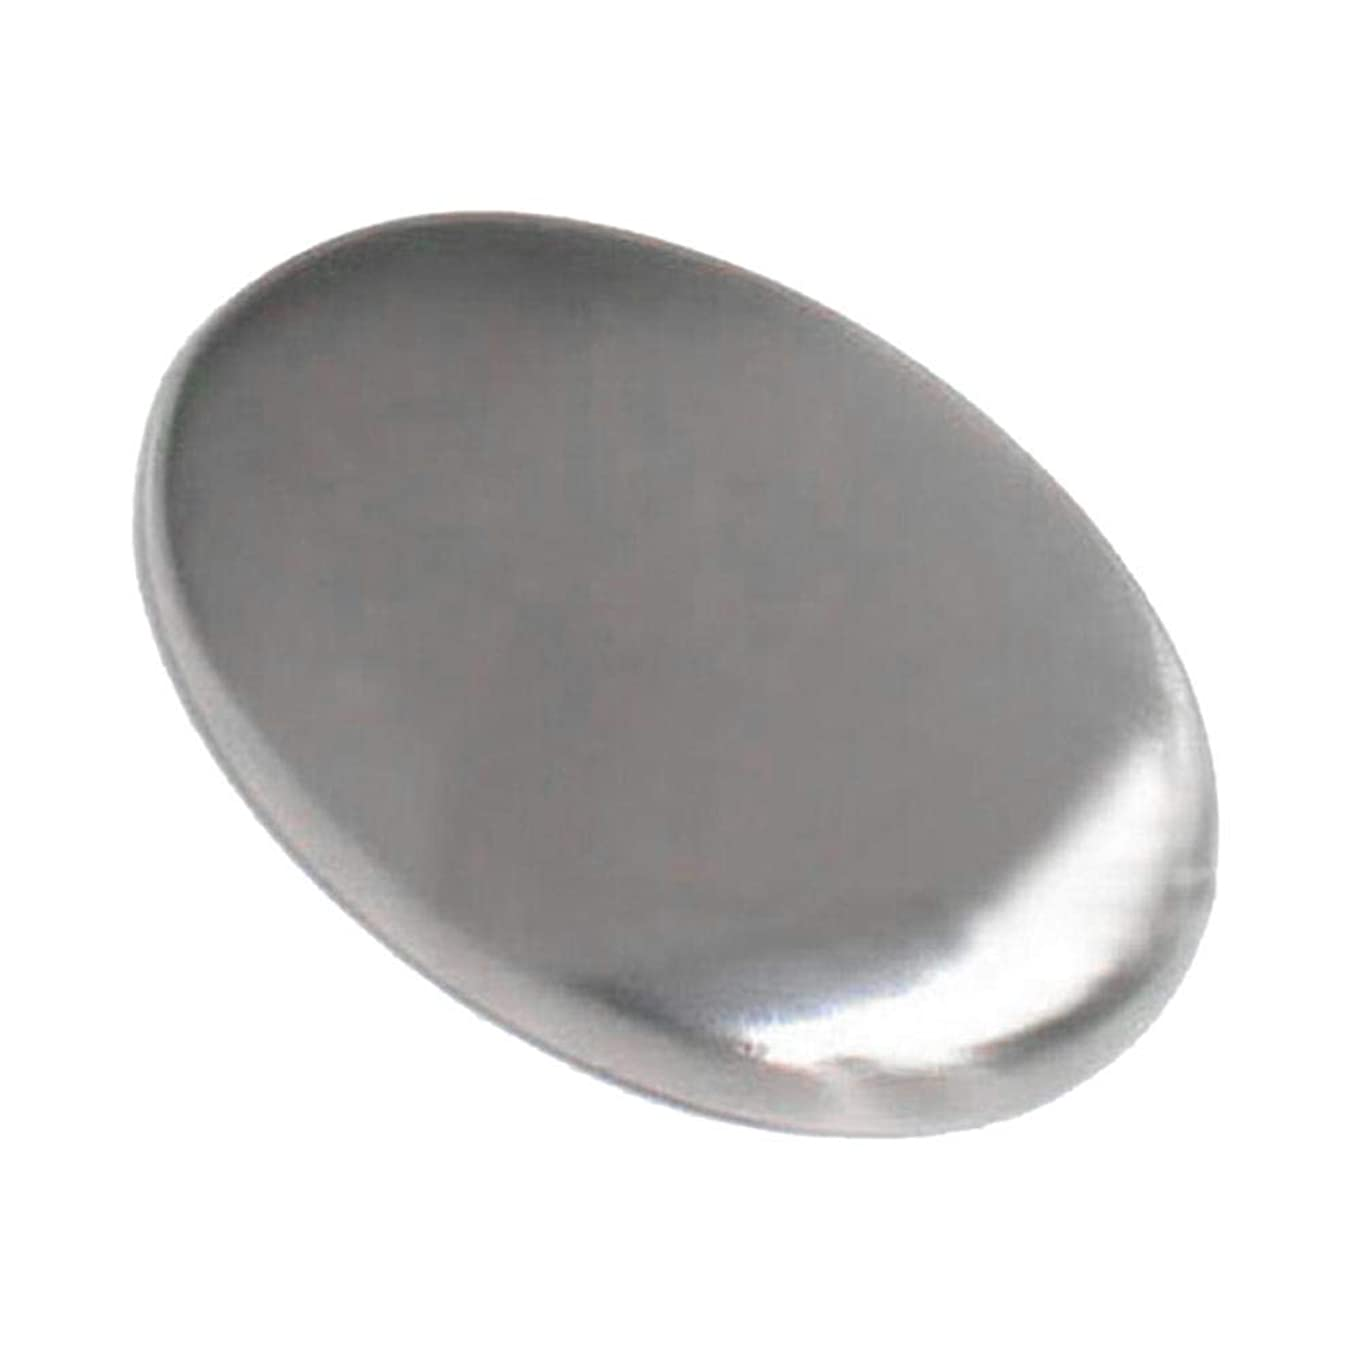 忘れられないブロック航空会社Hillrong ステンレスソープ ステンレス石鹸 においとりソープ 円形 臭い取り 異臭を取り除く 台所用具